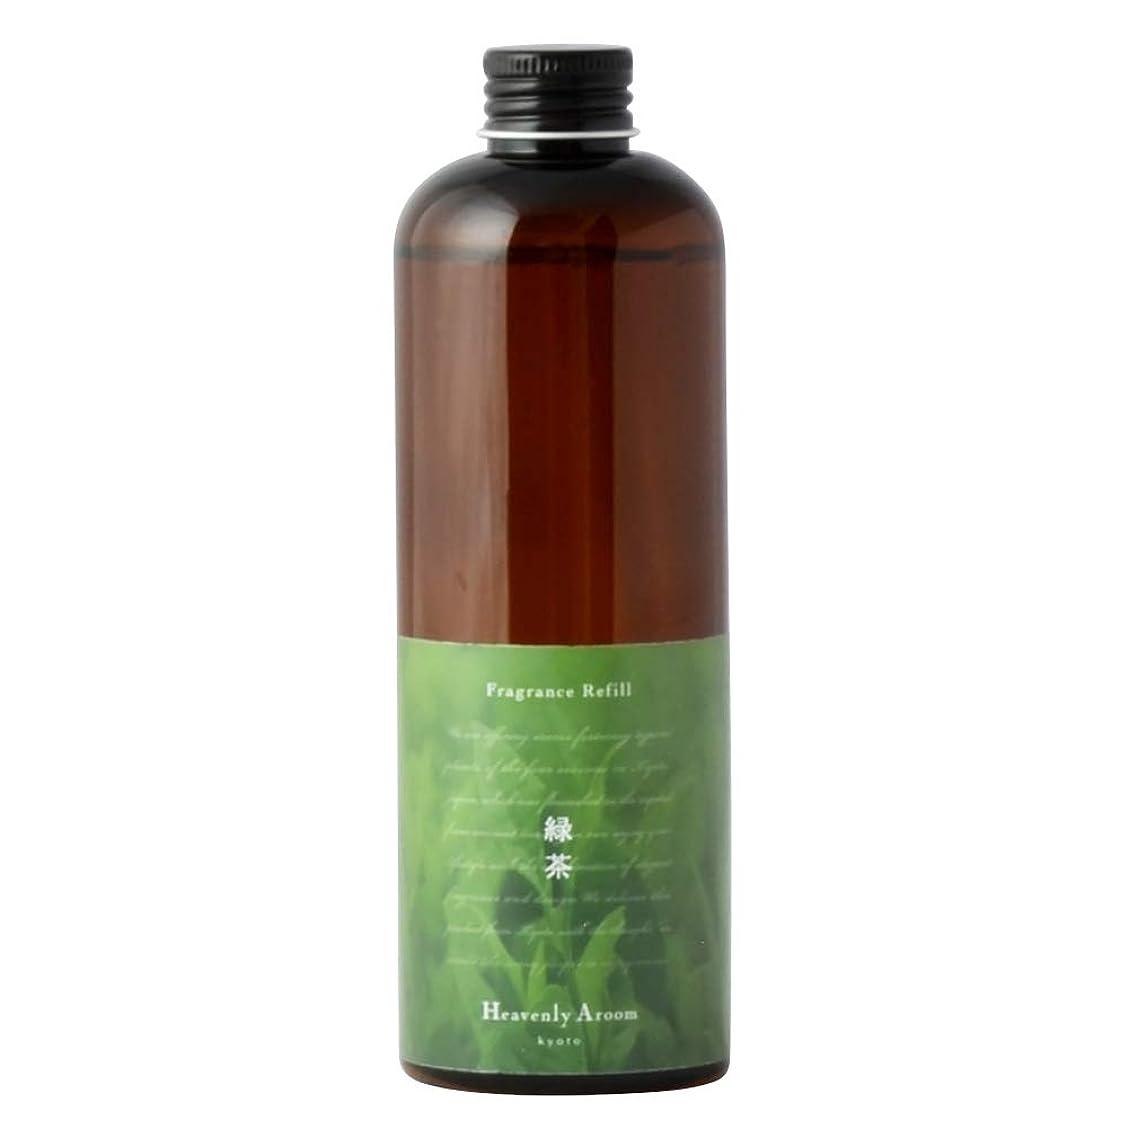 馬鹿げた偽ラベルHeavenly Aroomフレグランスリフィル 緑茶 300ml